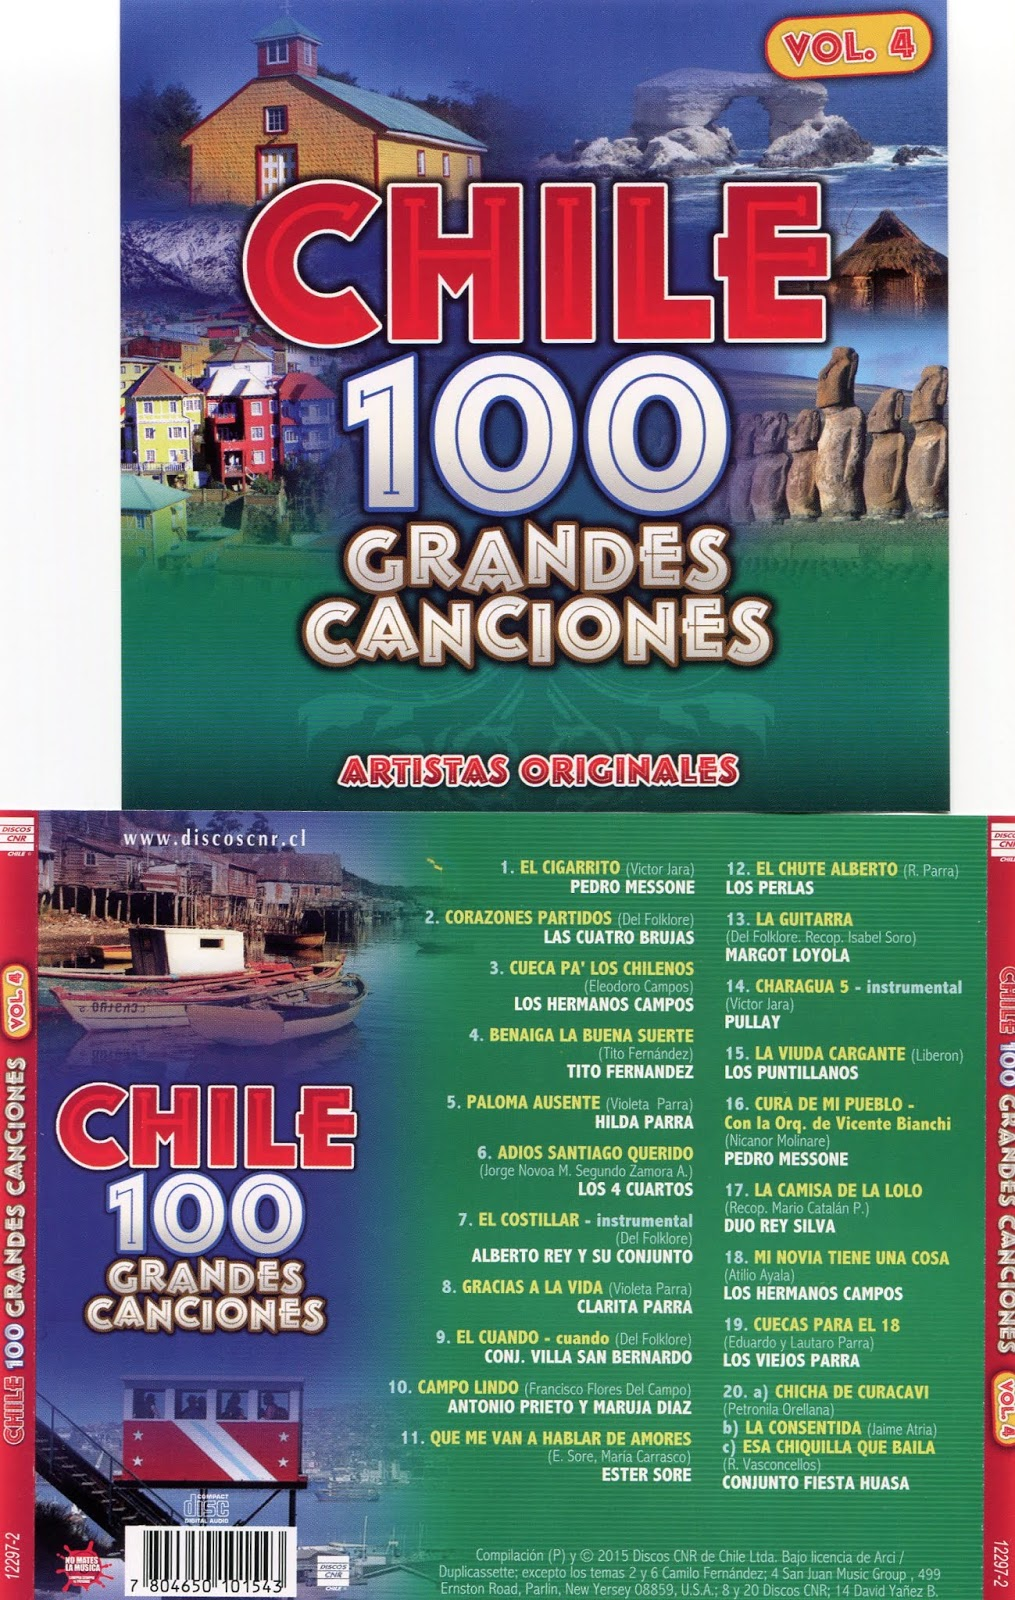 cd 100 grandes canciones de Chile Cd 4 Vol4